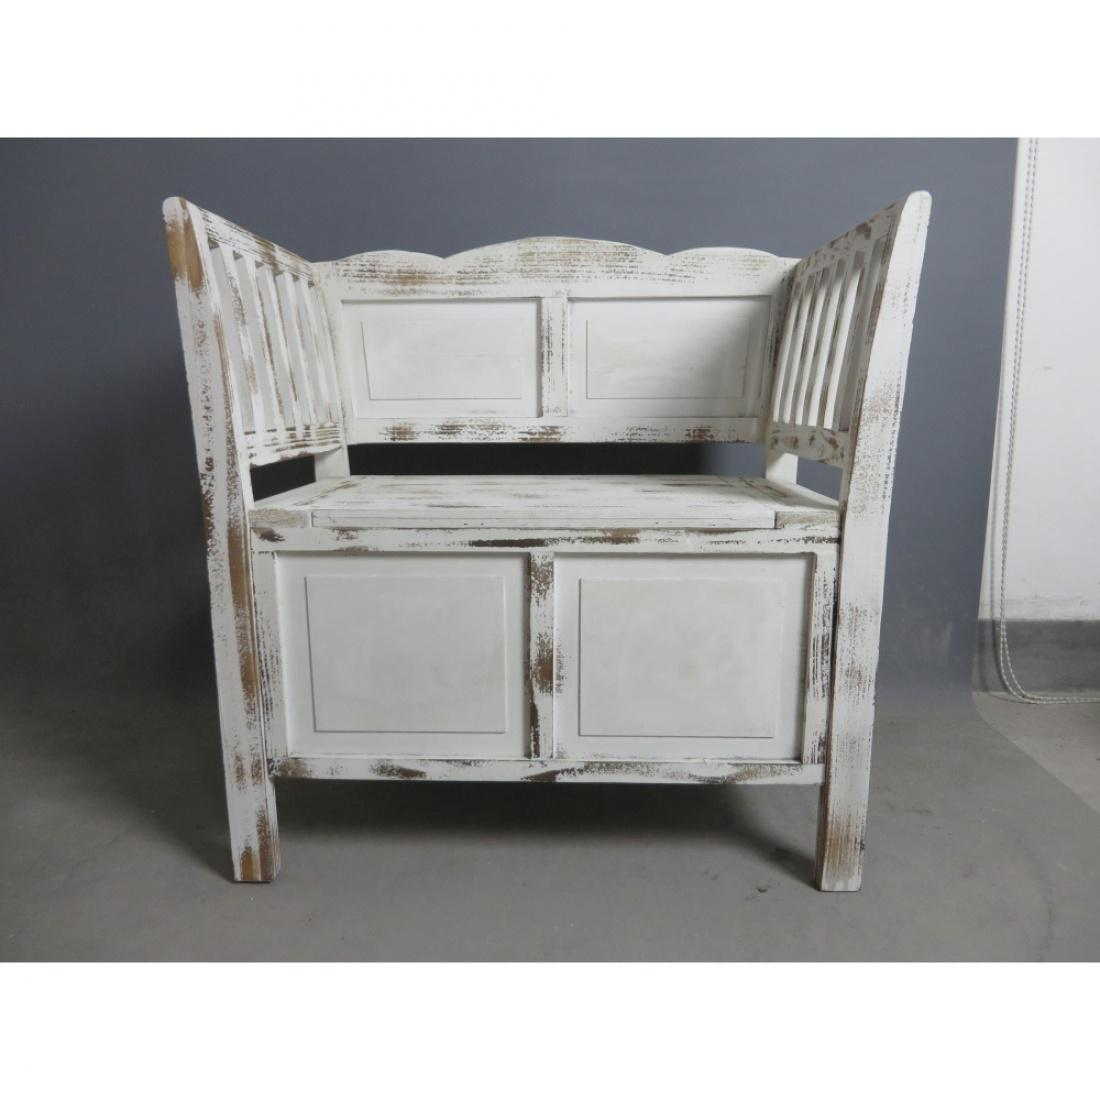 sitzbank 04 mit 2 schubladen verschiedene farben 80 x 80 x 44 cm kaufen bei m bel lux. Black Bedroom Furniture Sets. Home Design Ideas